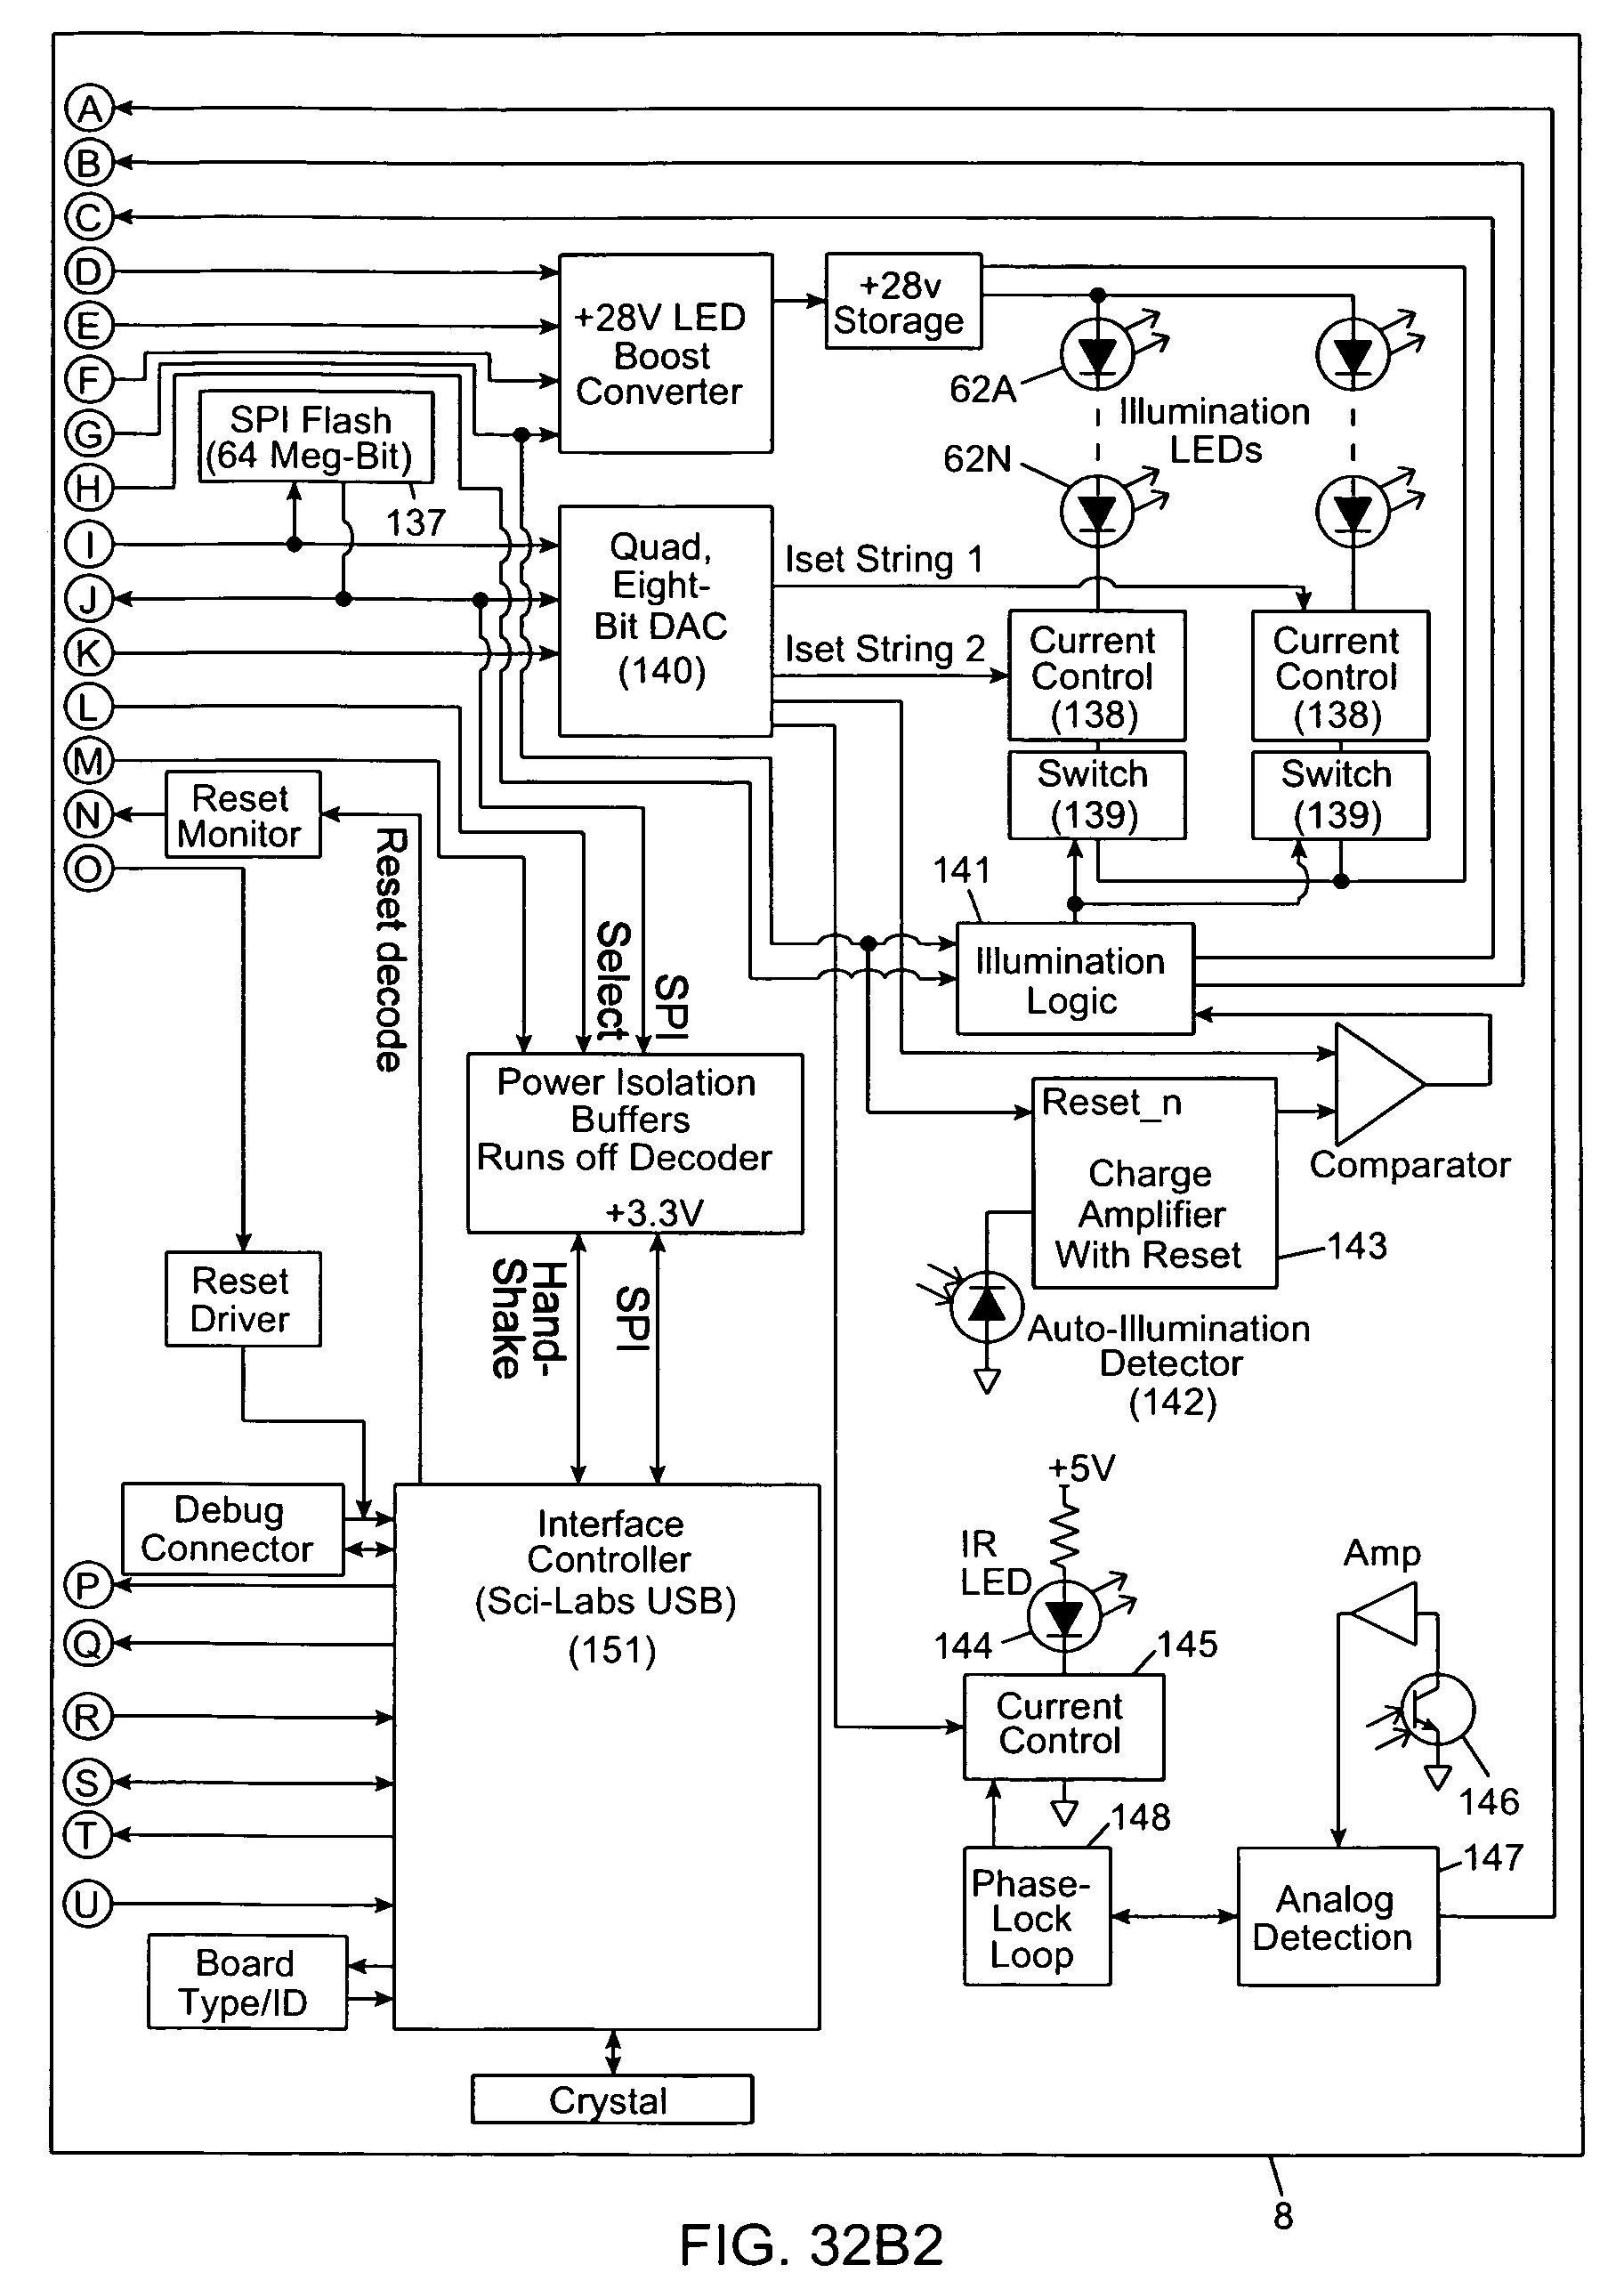 patent us 7 922 089 b2 GE DC Motor Wiring Diagram patent images